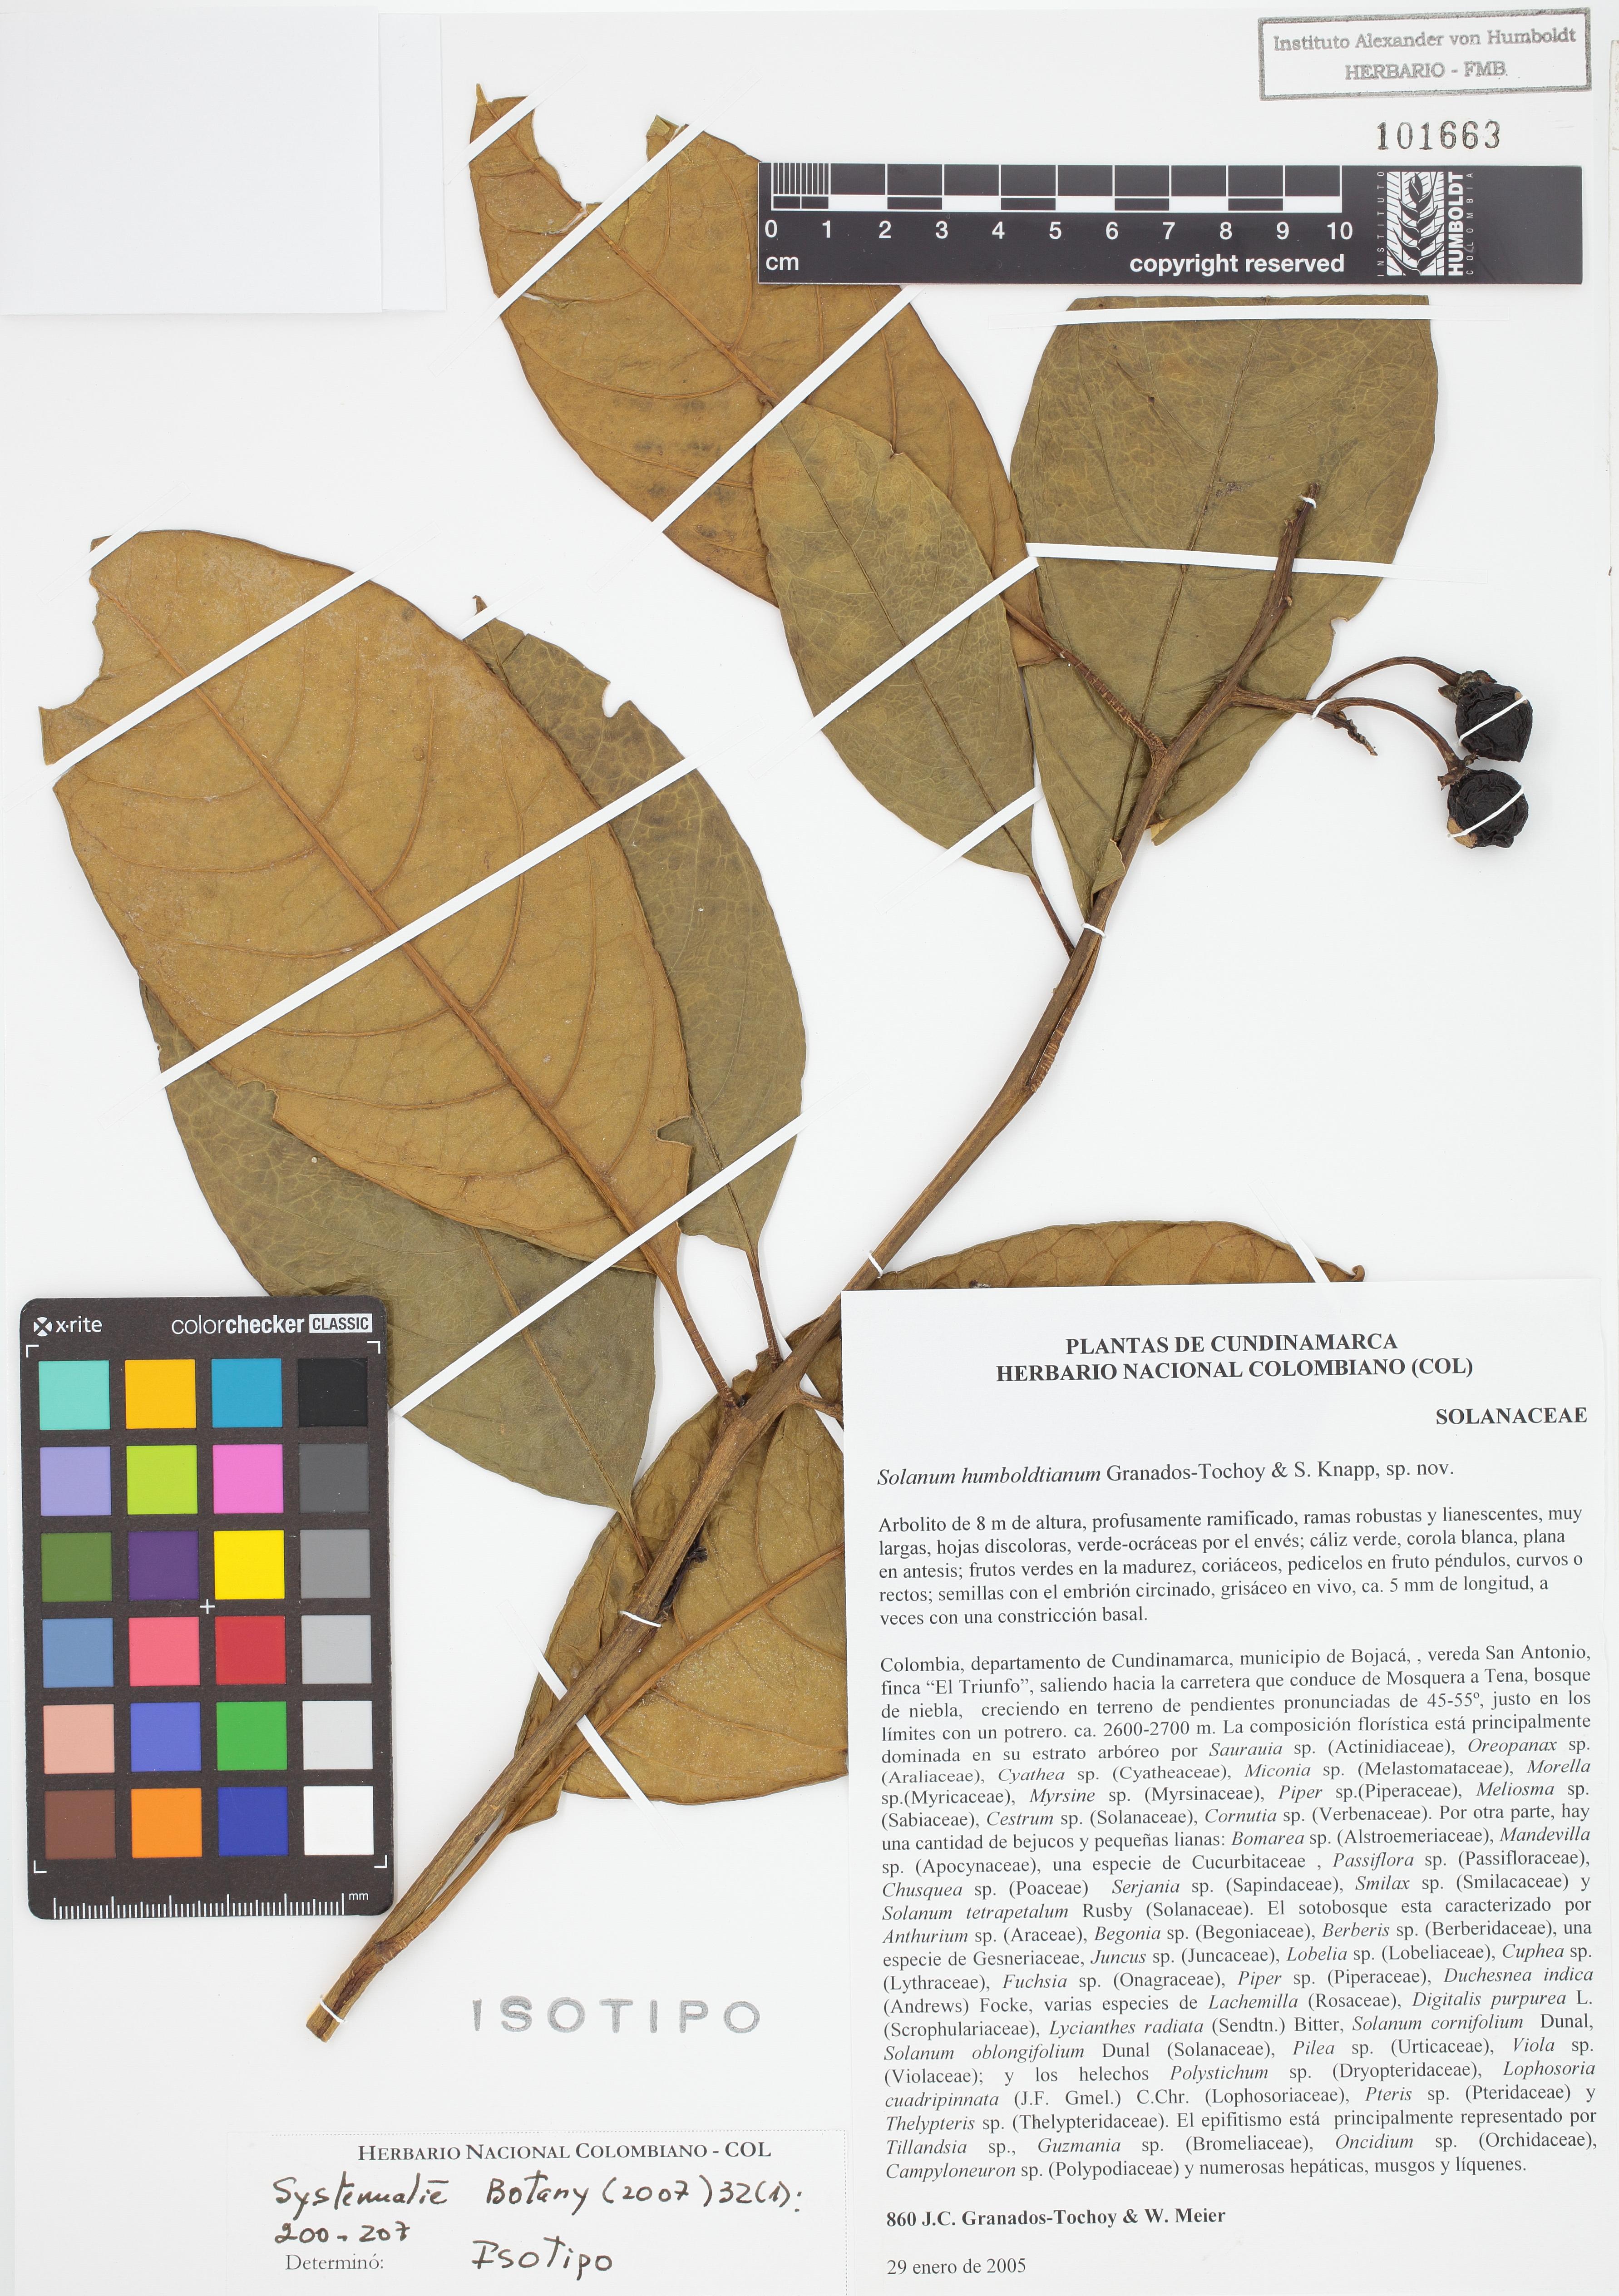 Isotipo de <em>Solanum humboldtianum</em>, FMB-101663, Fotografía por Robles A.